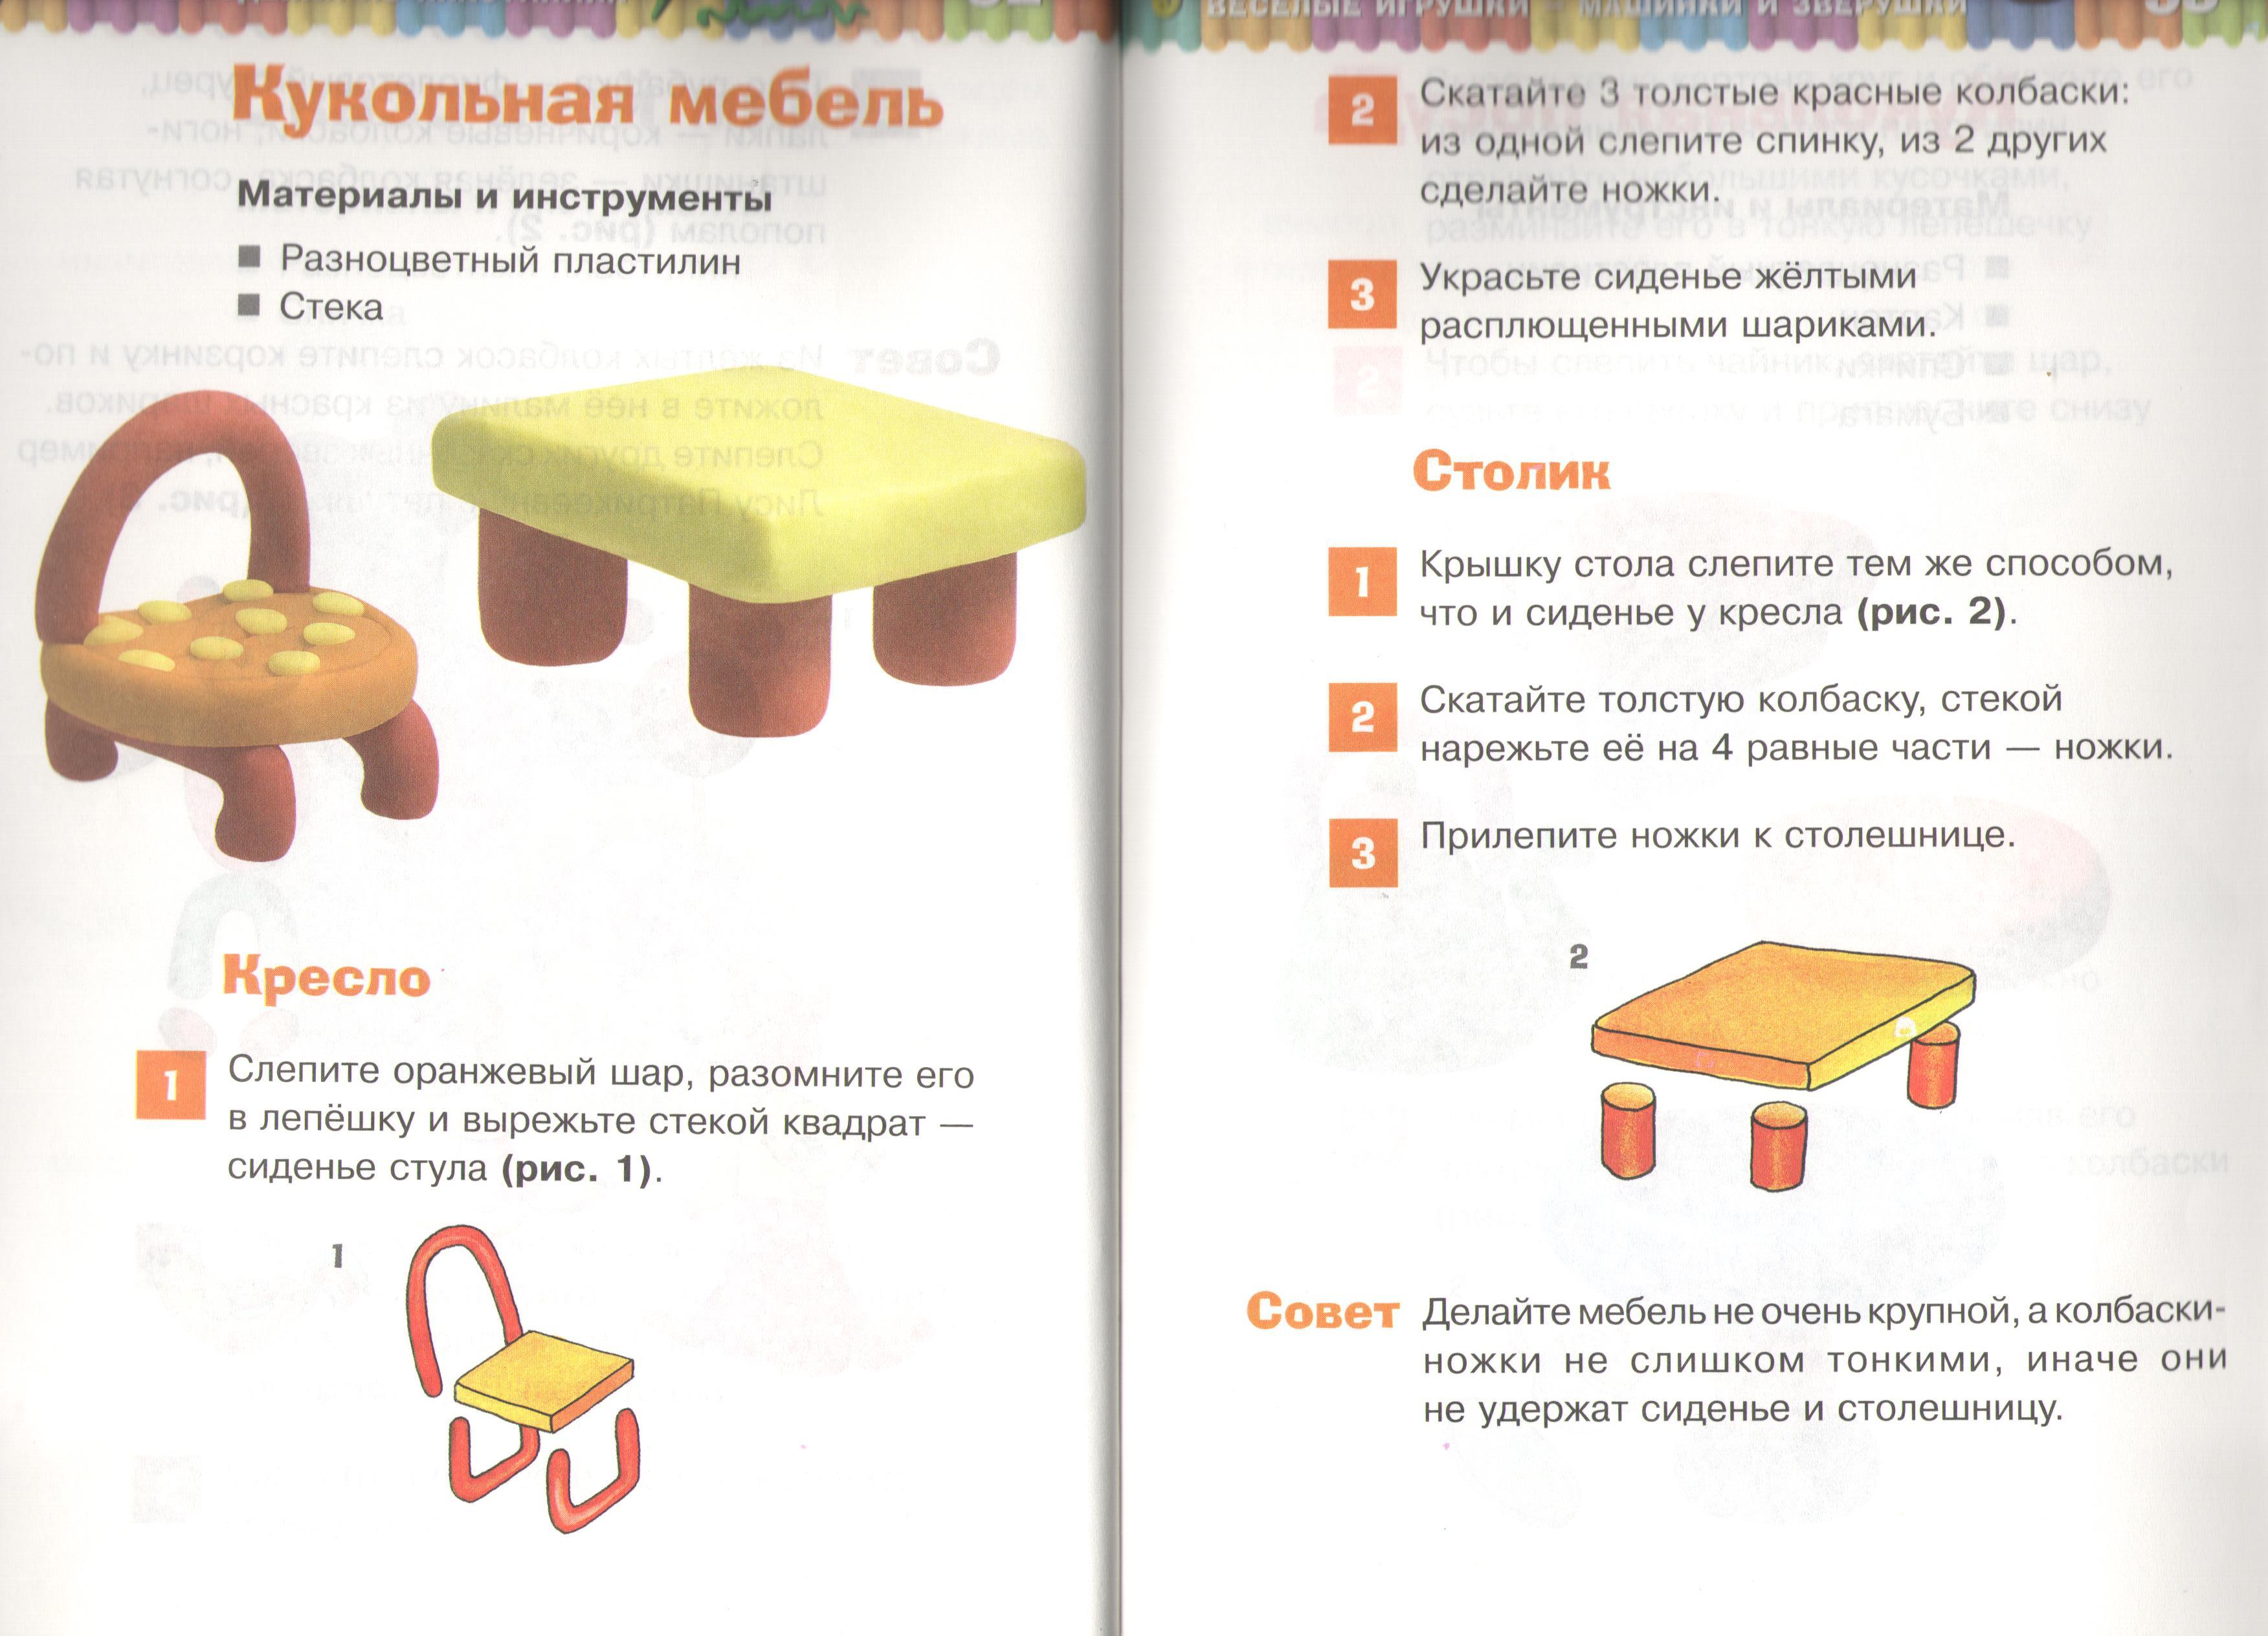 C:\Users\Admin\Desktop\Работа с пластилином\пластилин-кукольная мебель 001.jpg